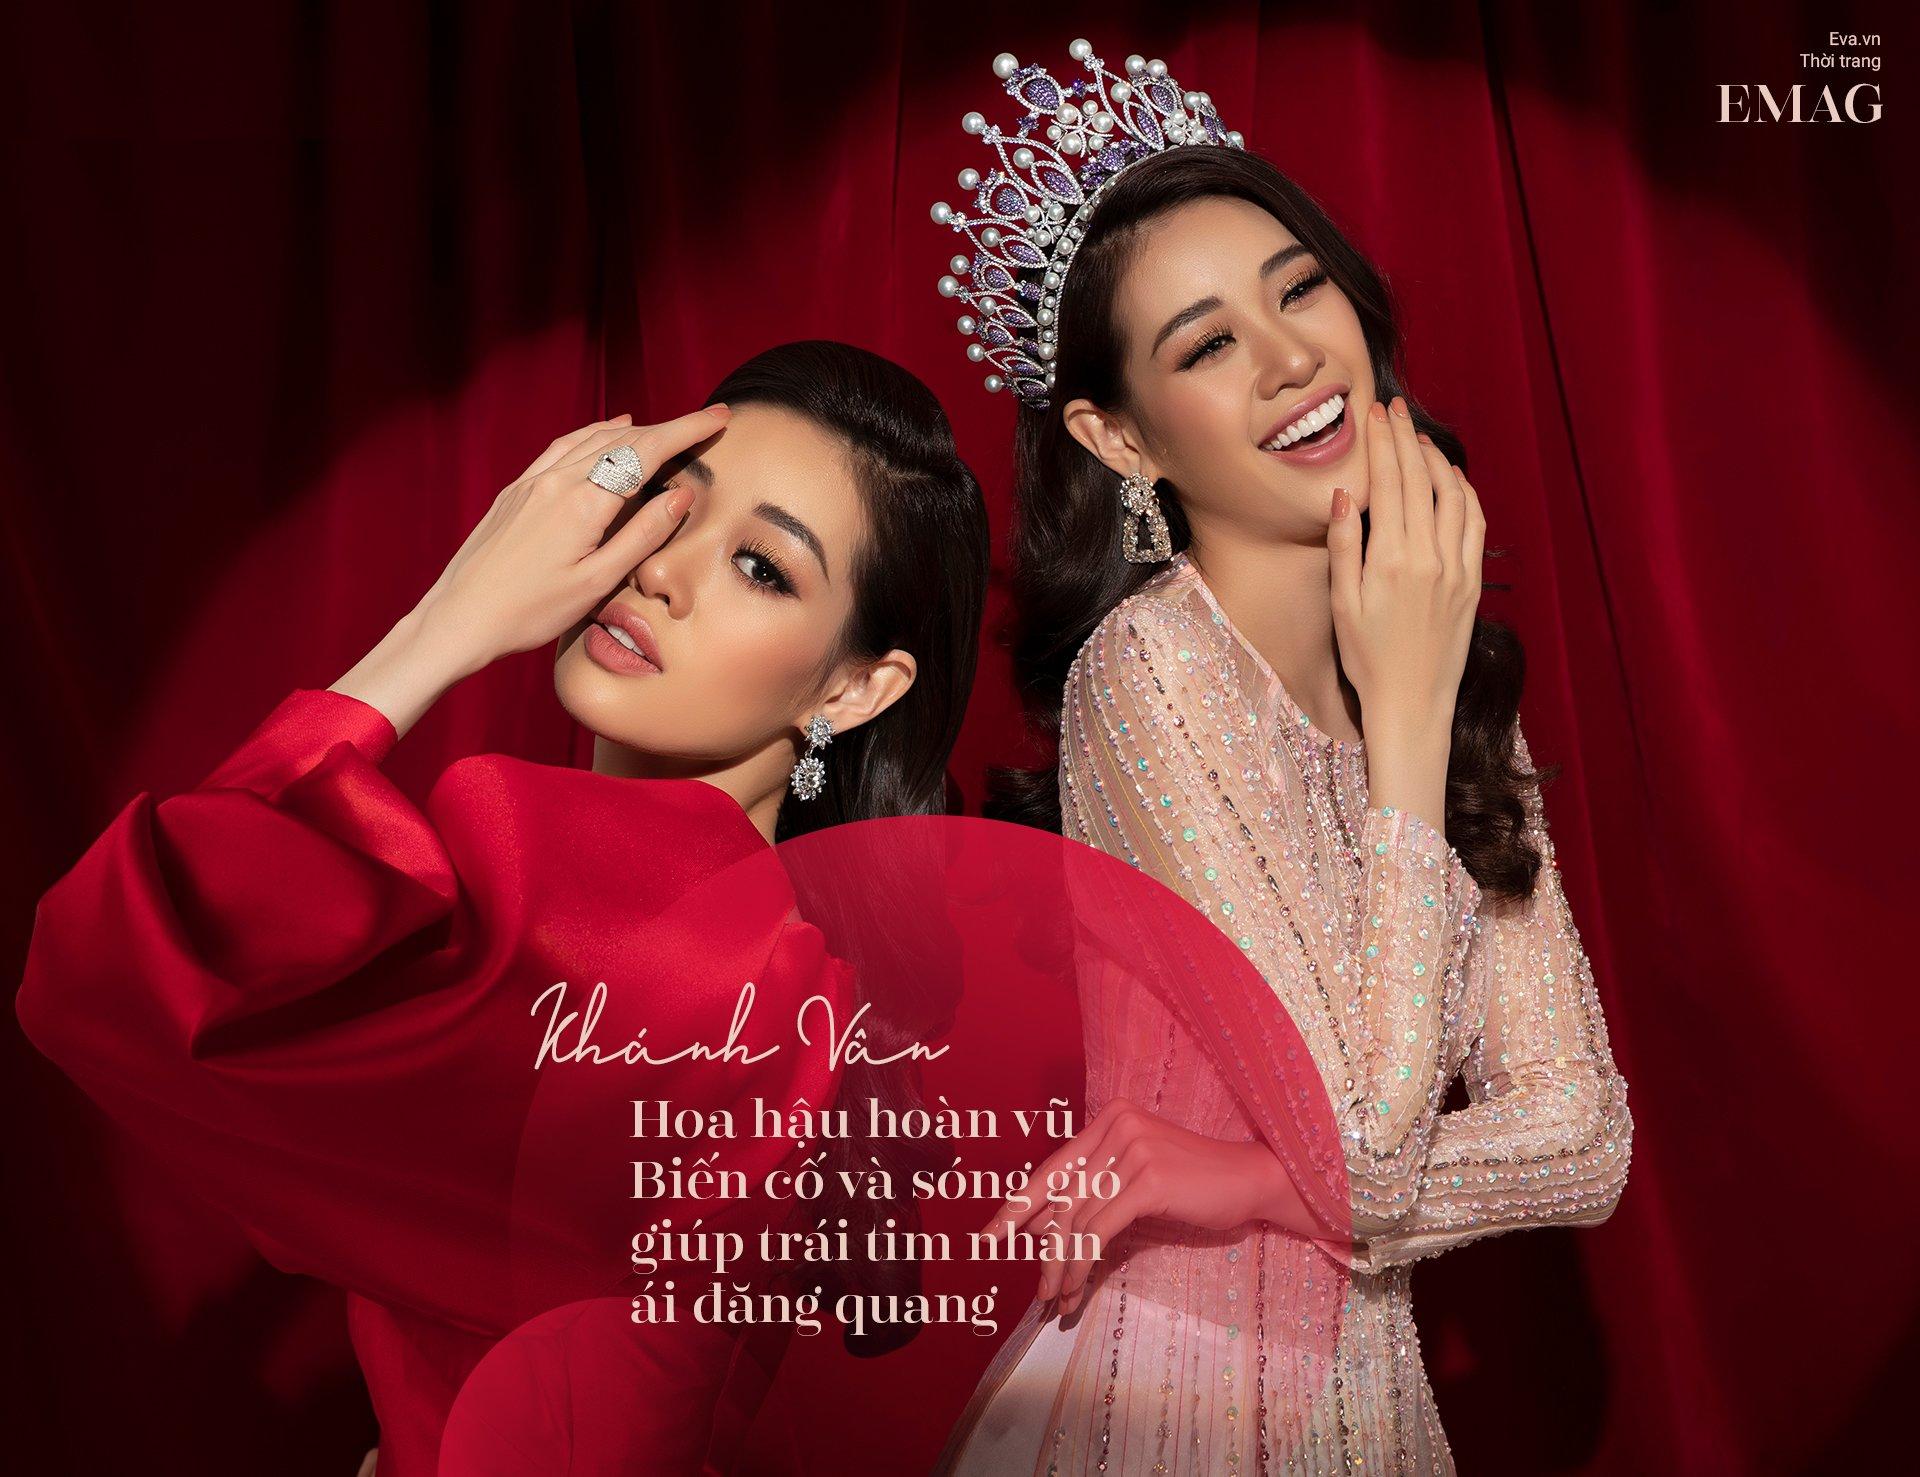 Hoa hậu Hoàn vũ Khánh Vân - Biến cố và sóng gió giúp trái tim nhân ái đăng quang - 1